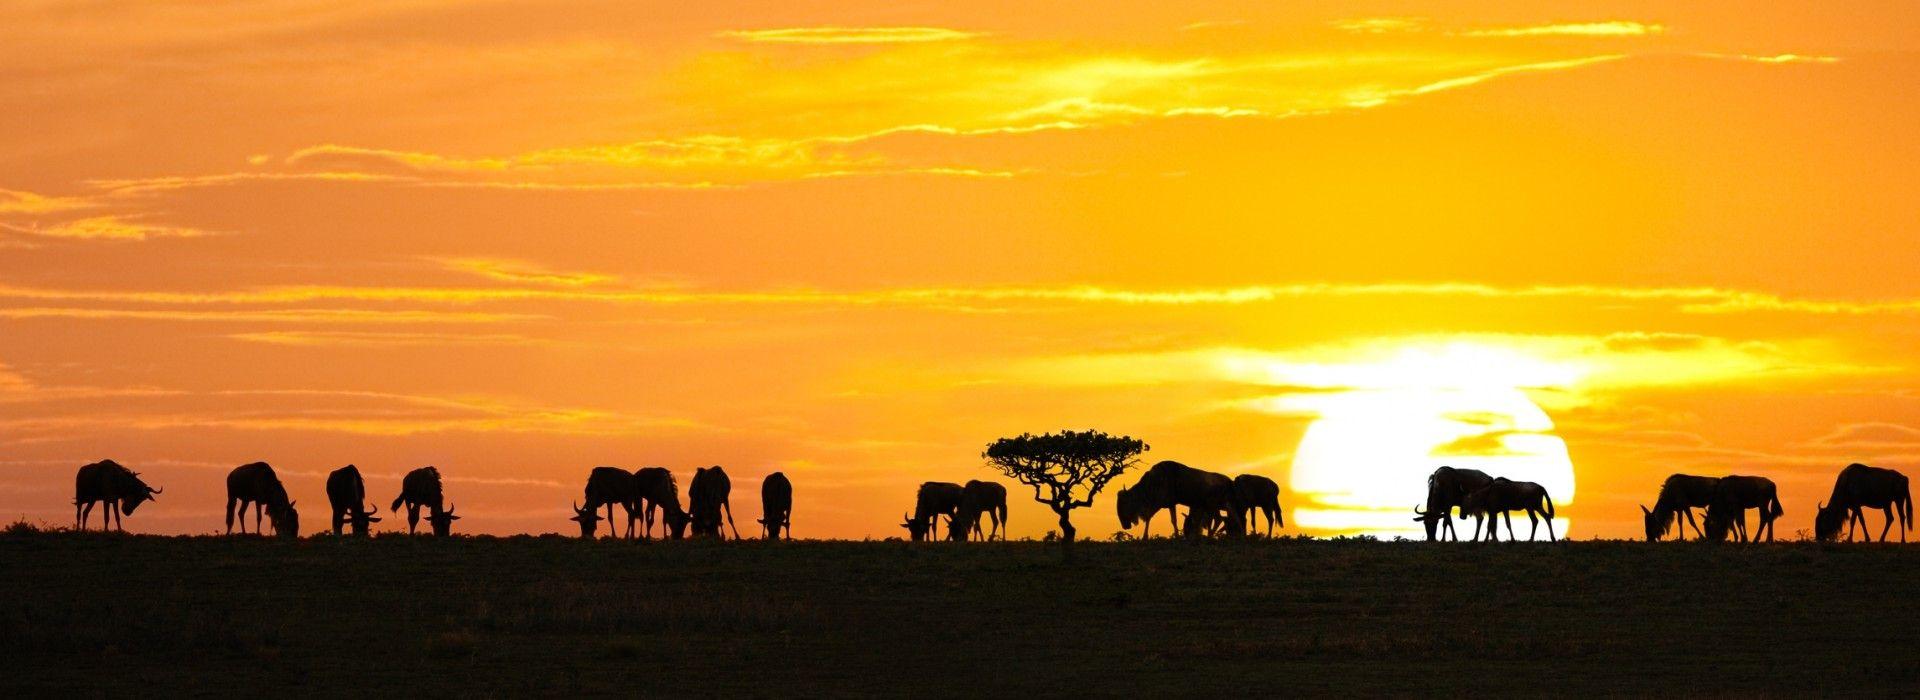 Natural landmarks sightseeing Tours in Kilimanjaro